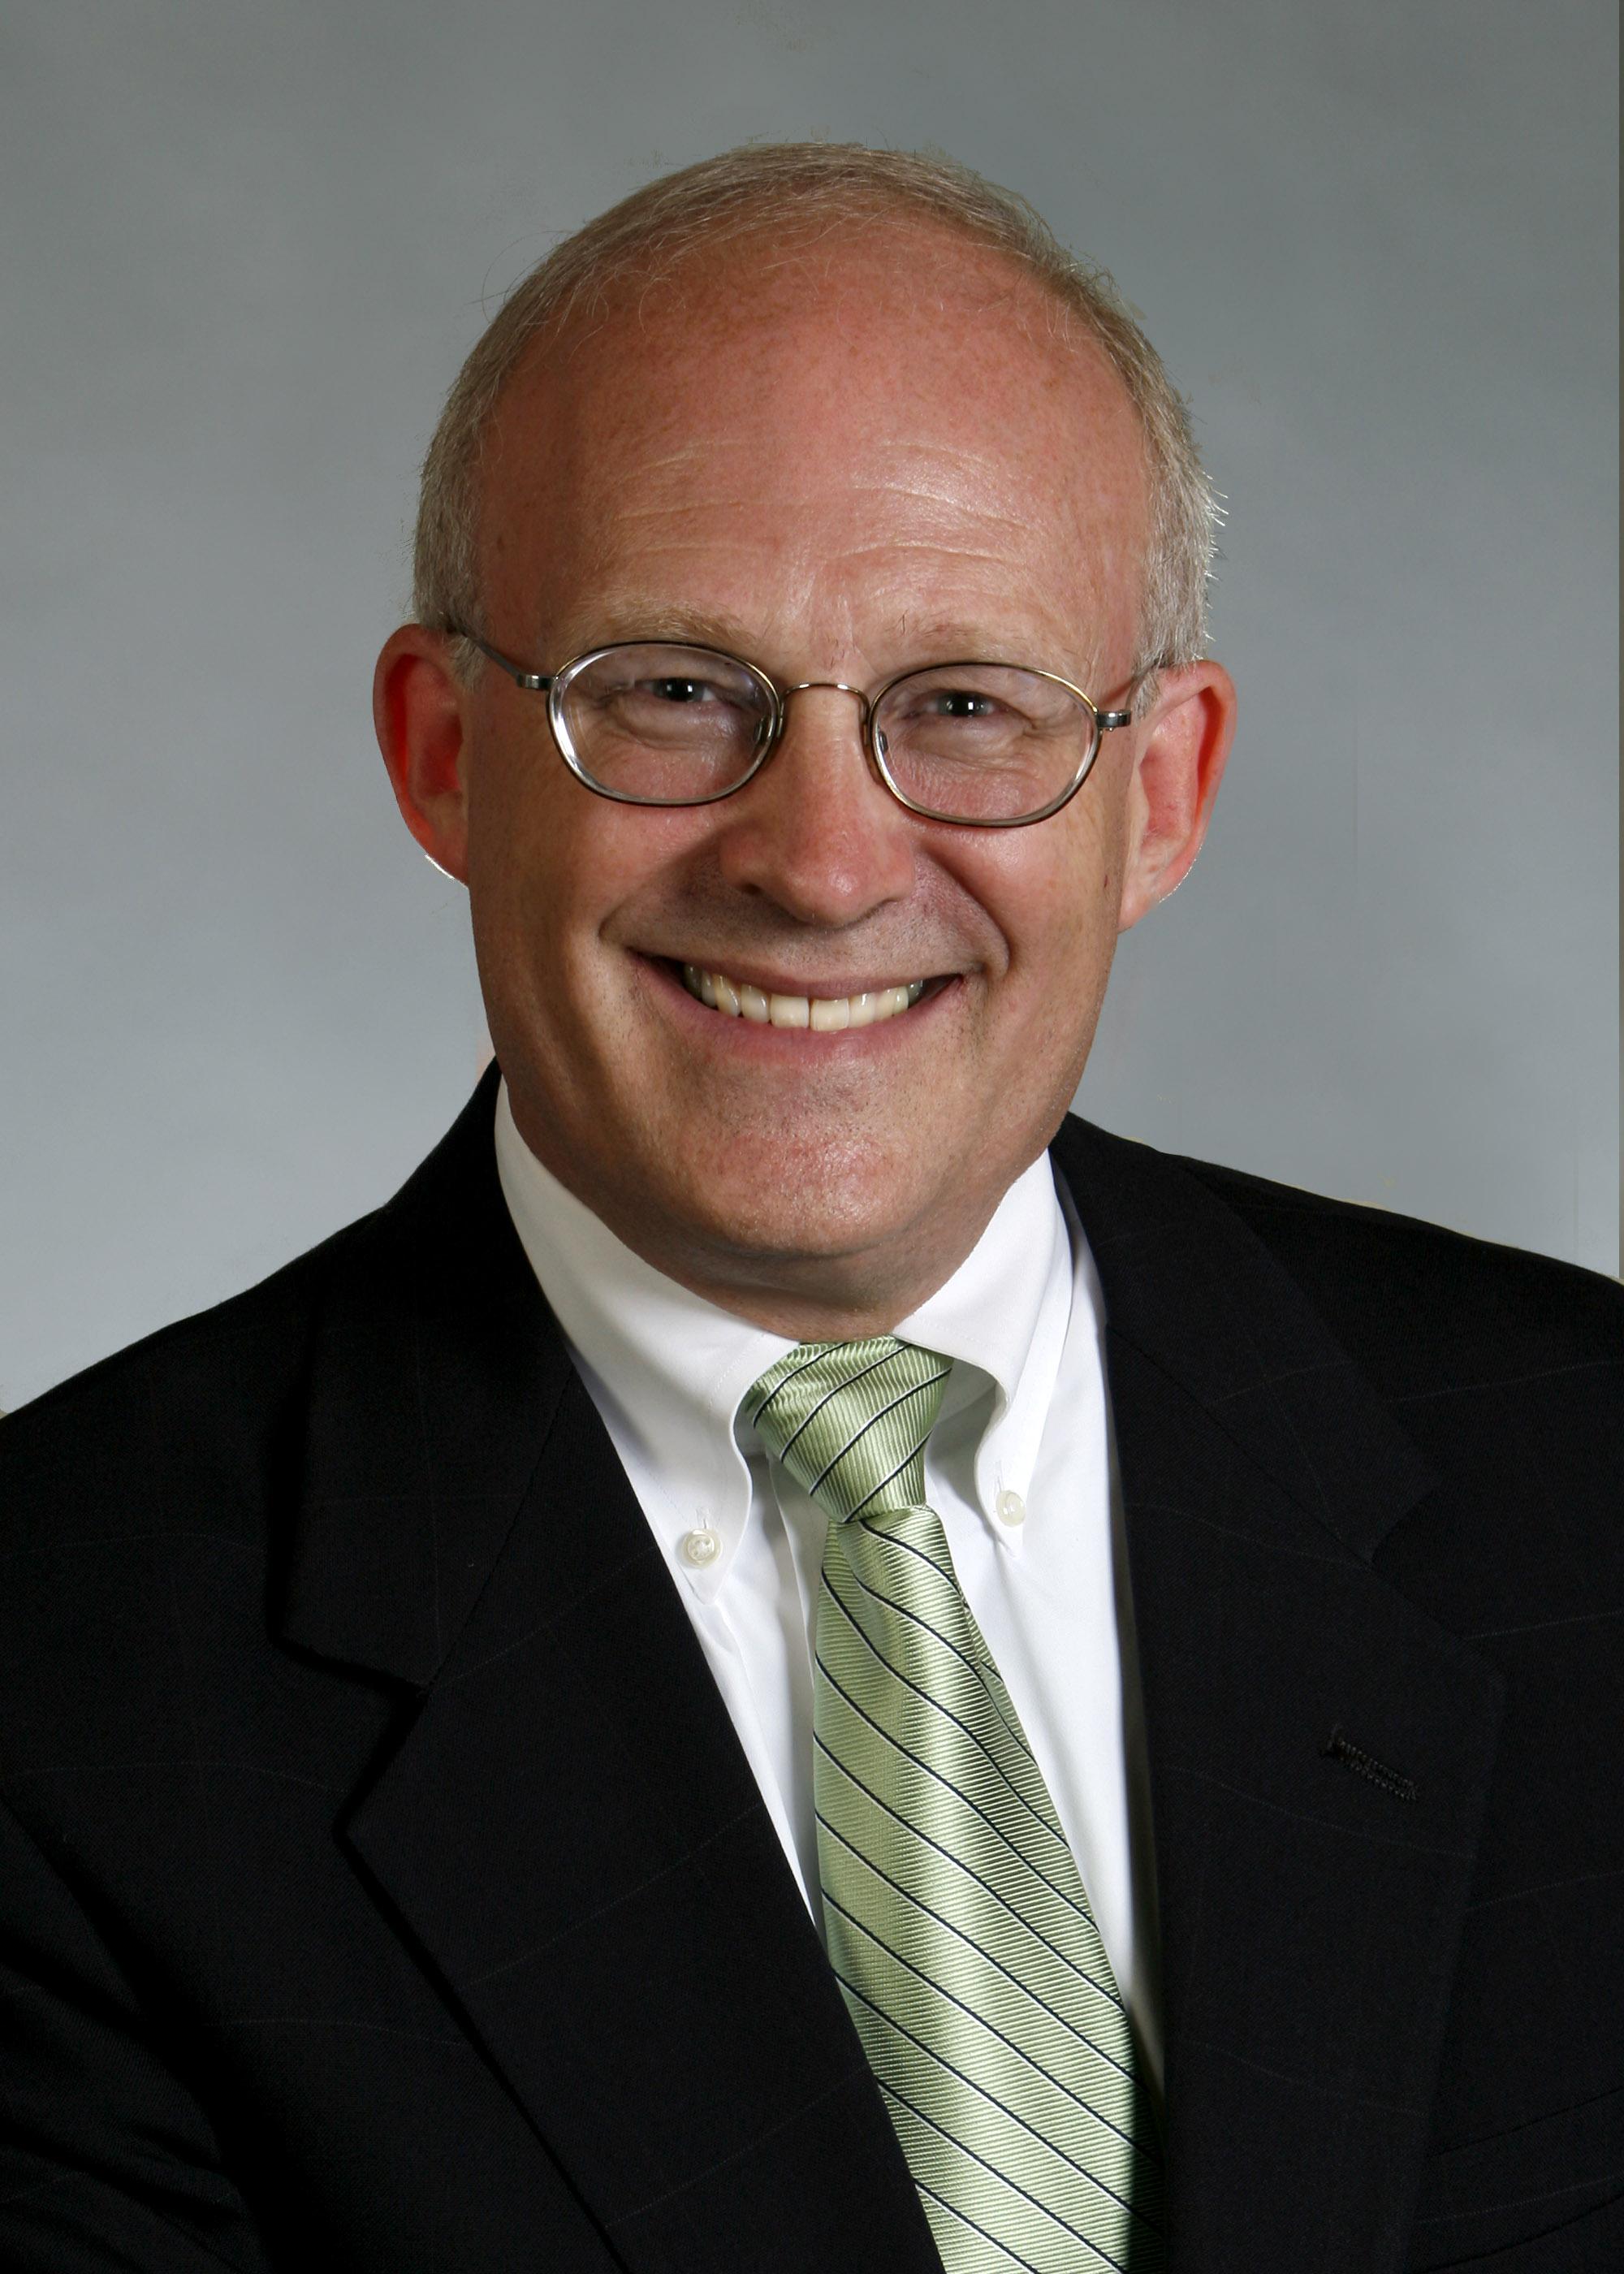 Scott L. Melton